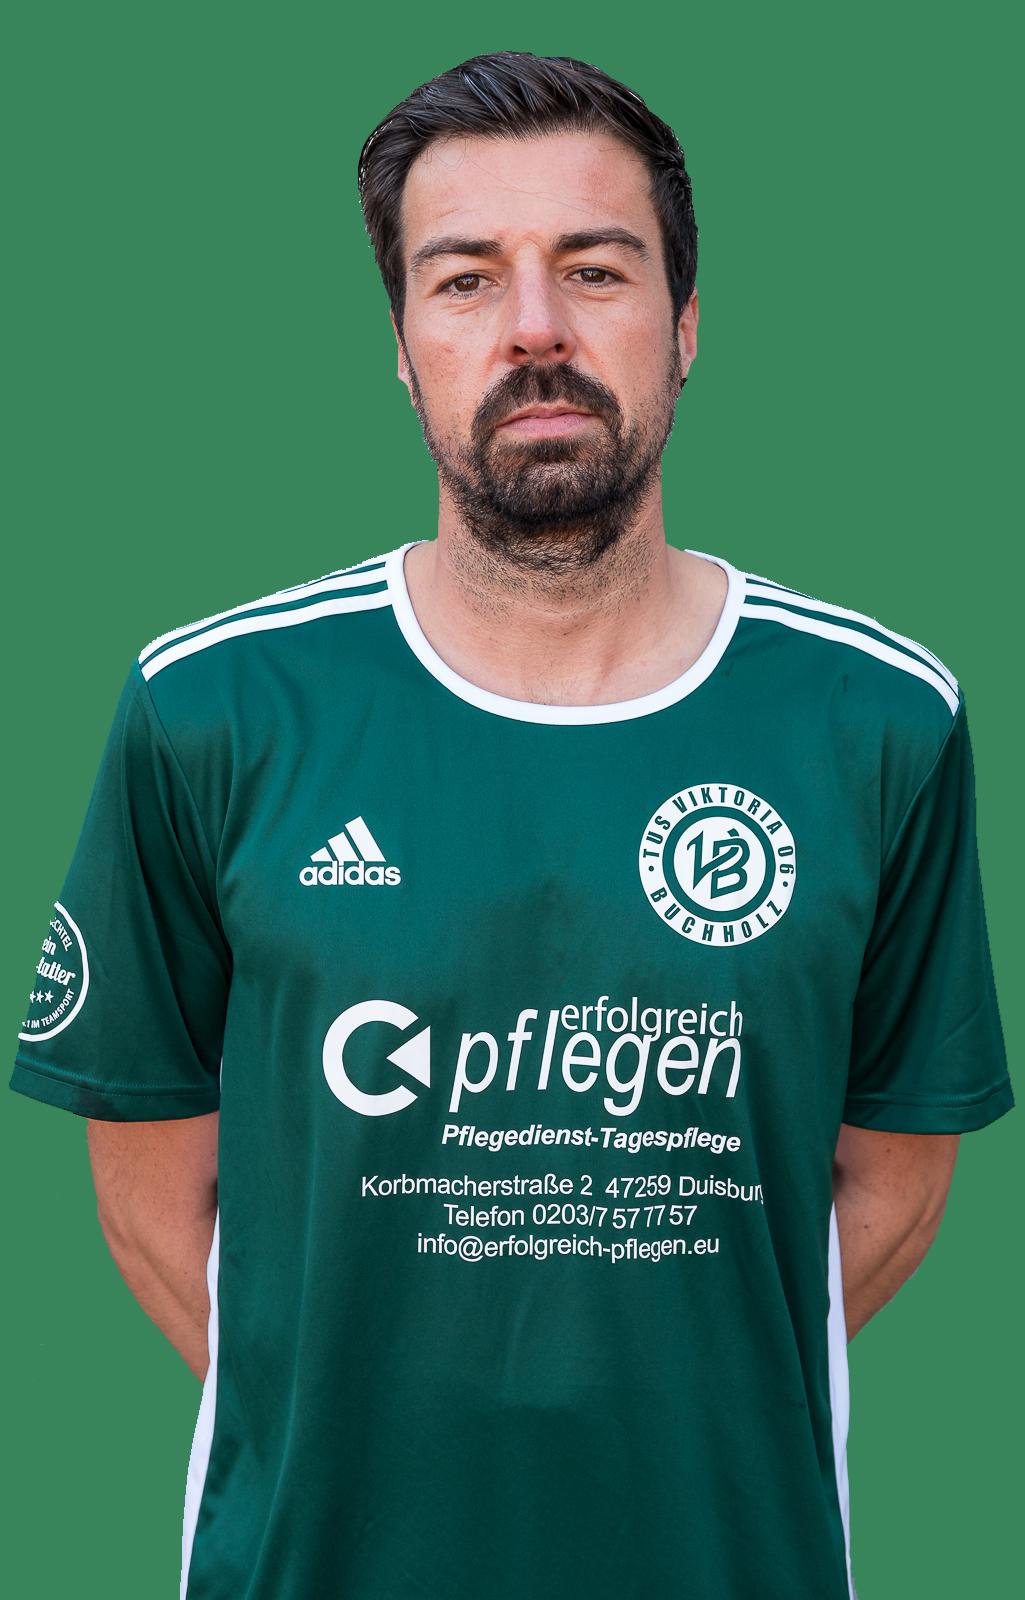 Manuel Buchholz